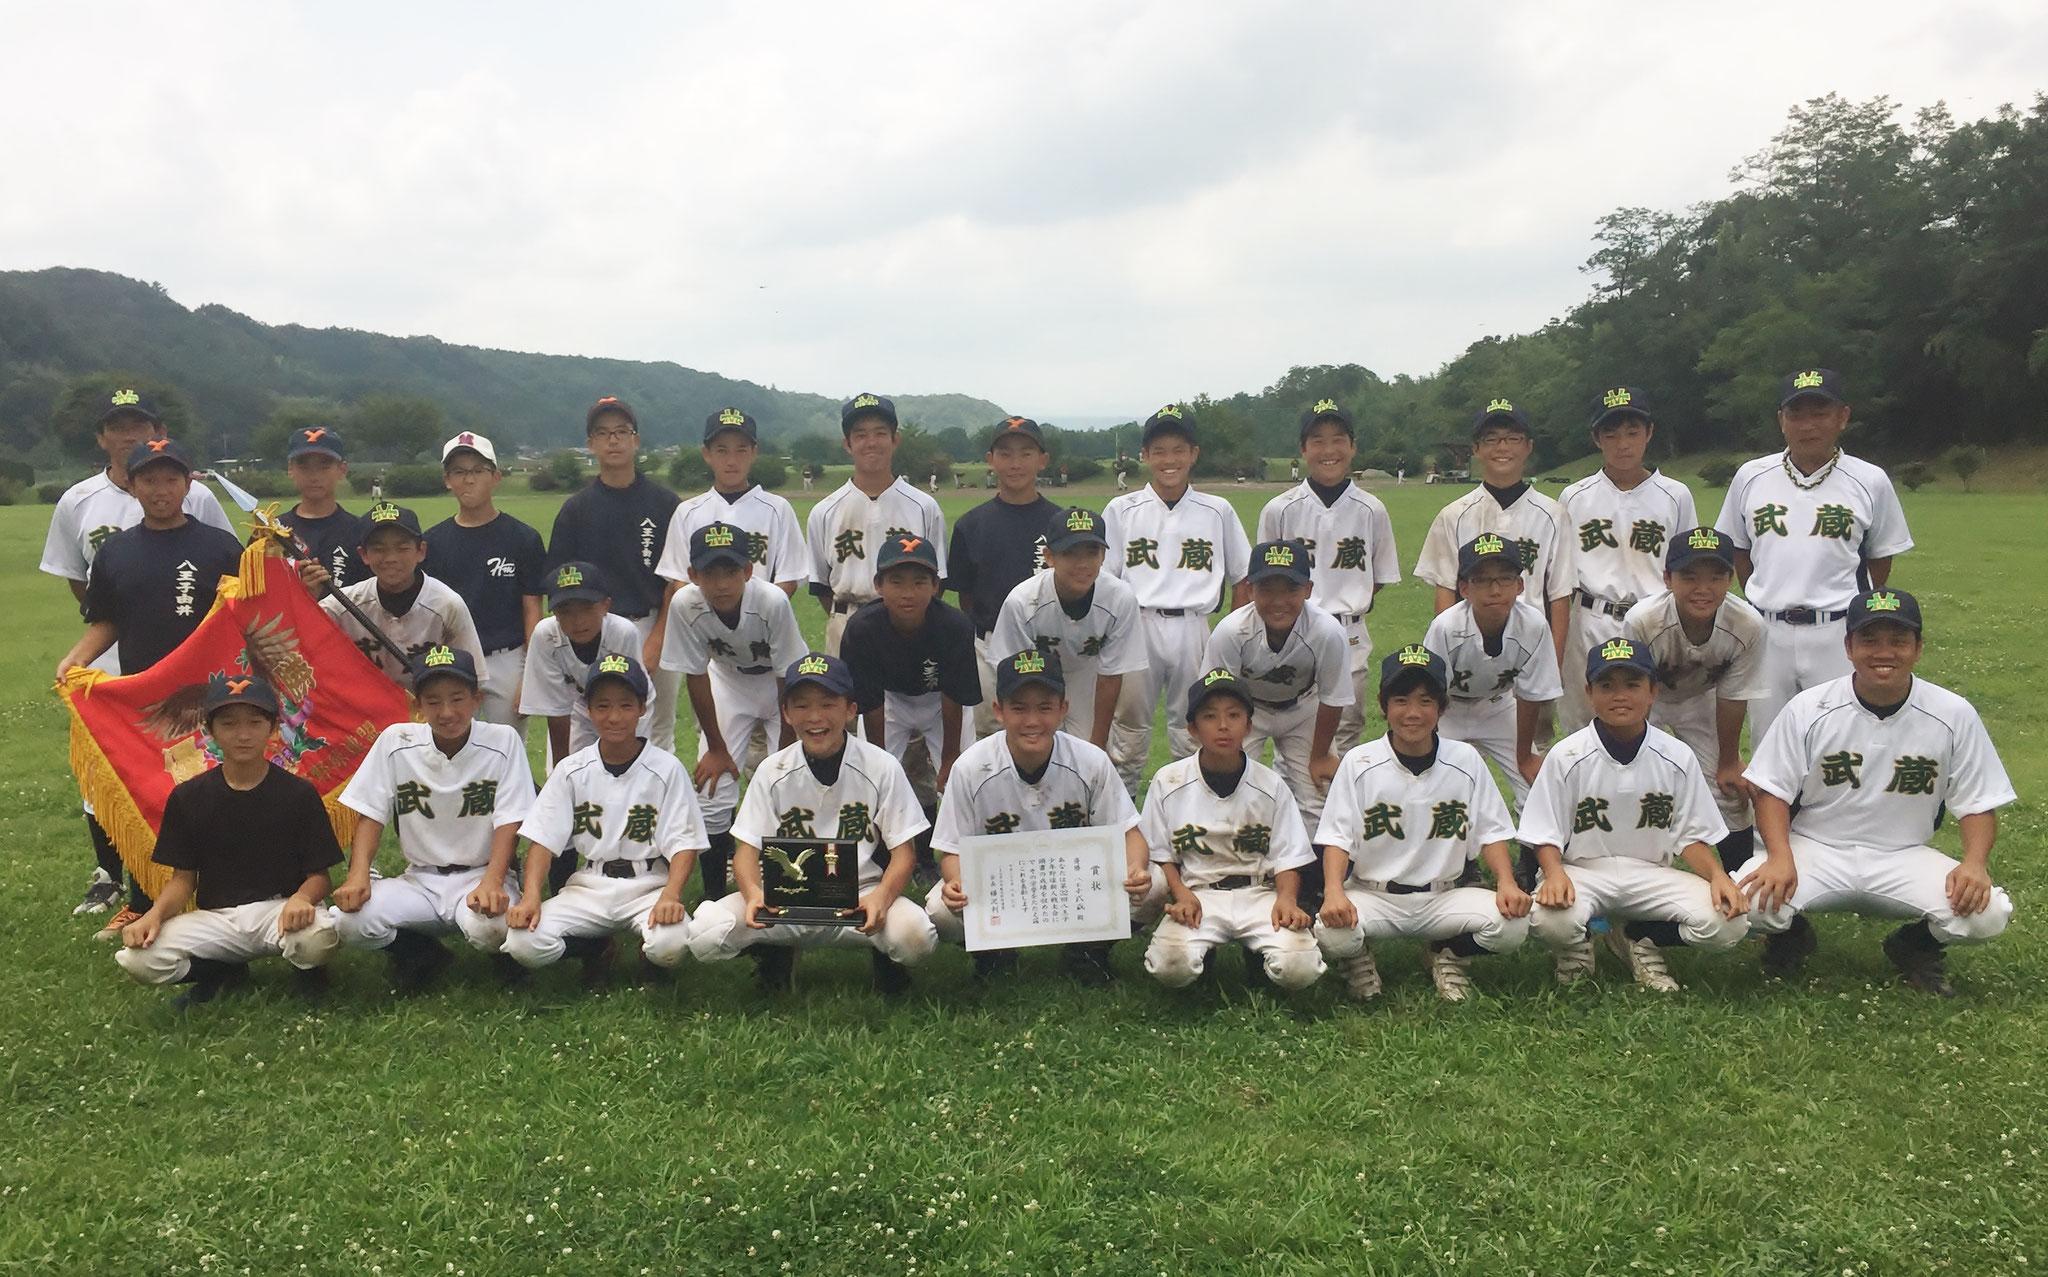 新人戦大会(中学)優勝 八王子武蔵 H29.8.6(日) 滝ガ原グラウンド